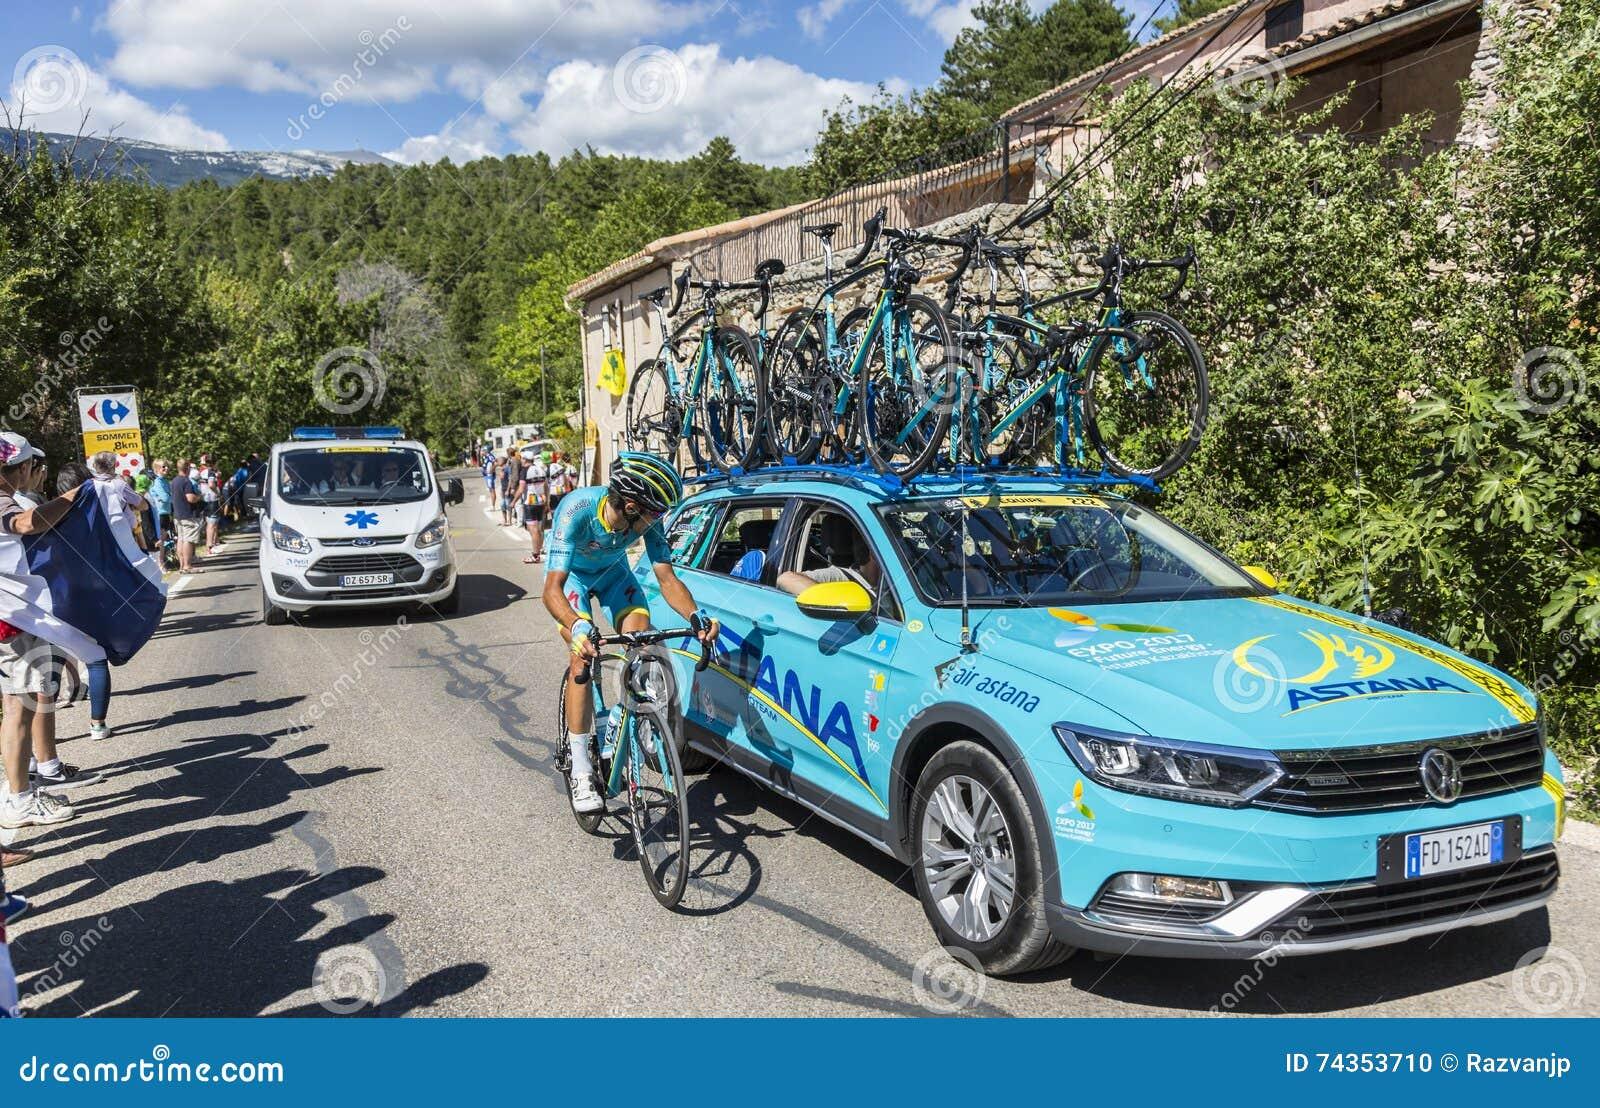 Astana Teamwork on Mont Ventoux - Tour de France 2016